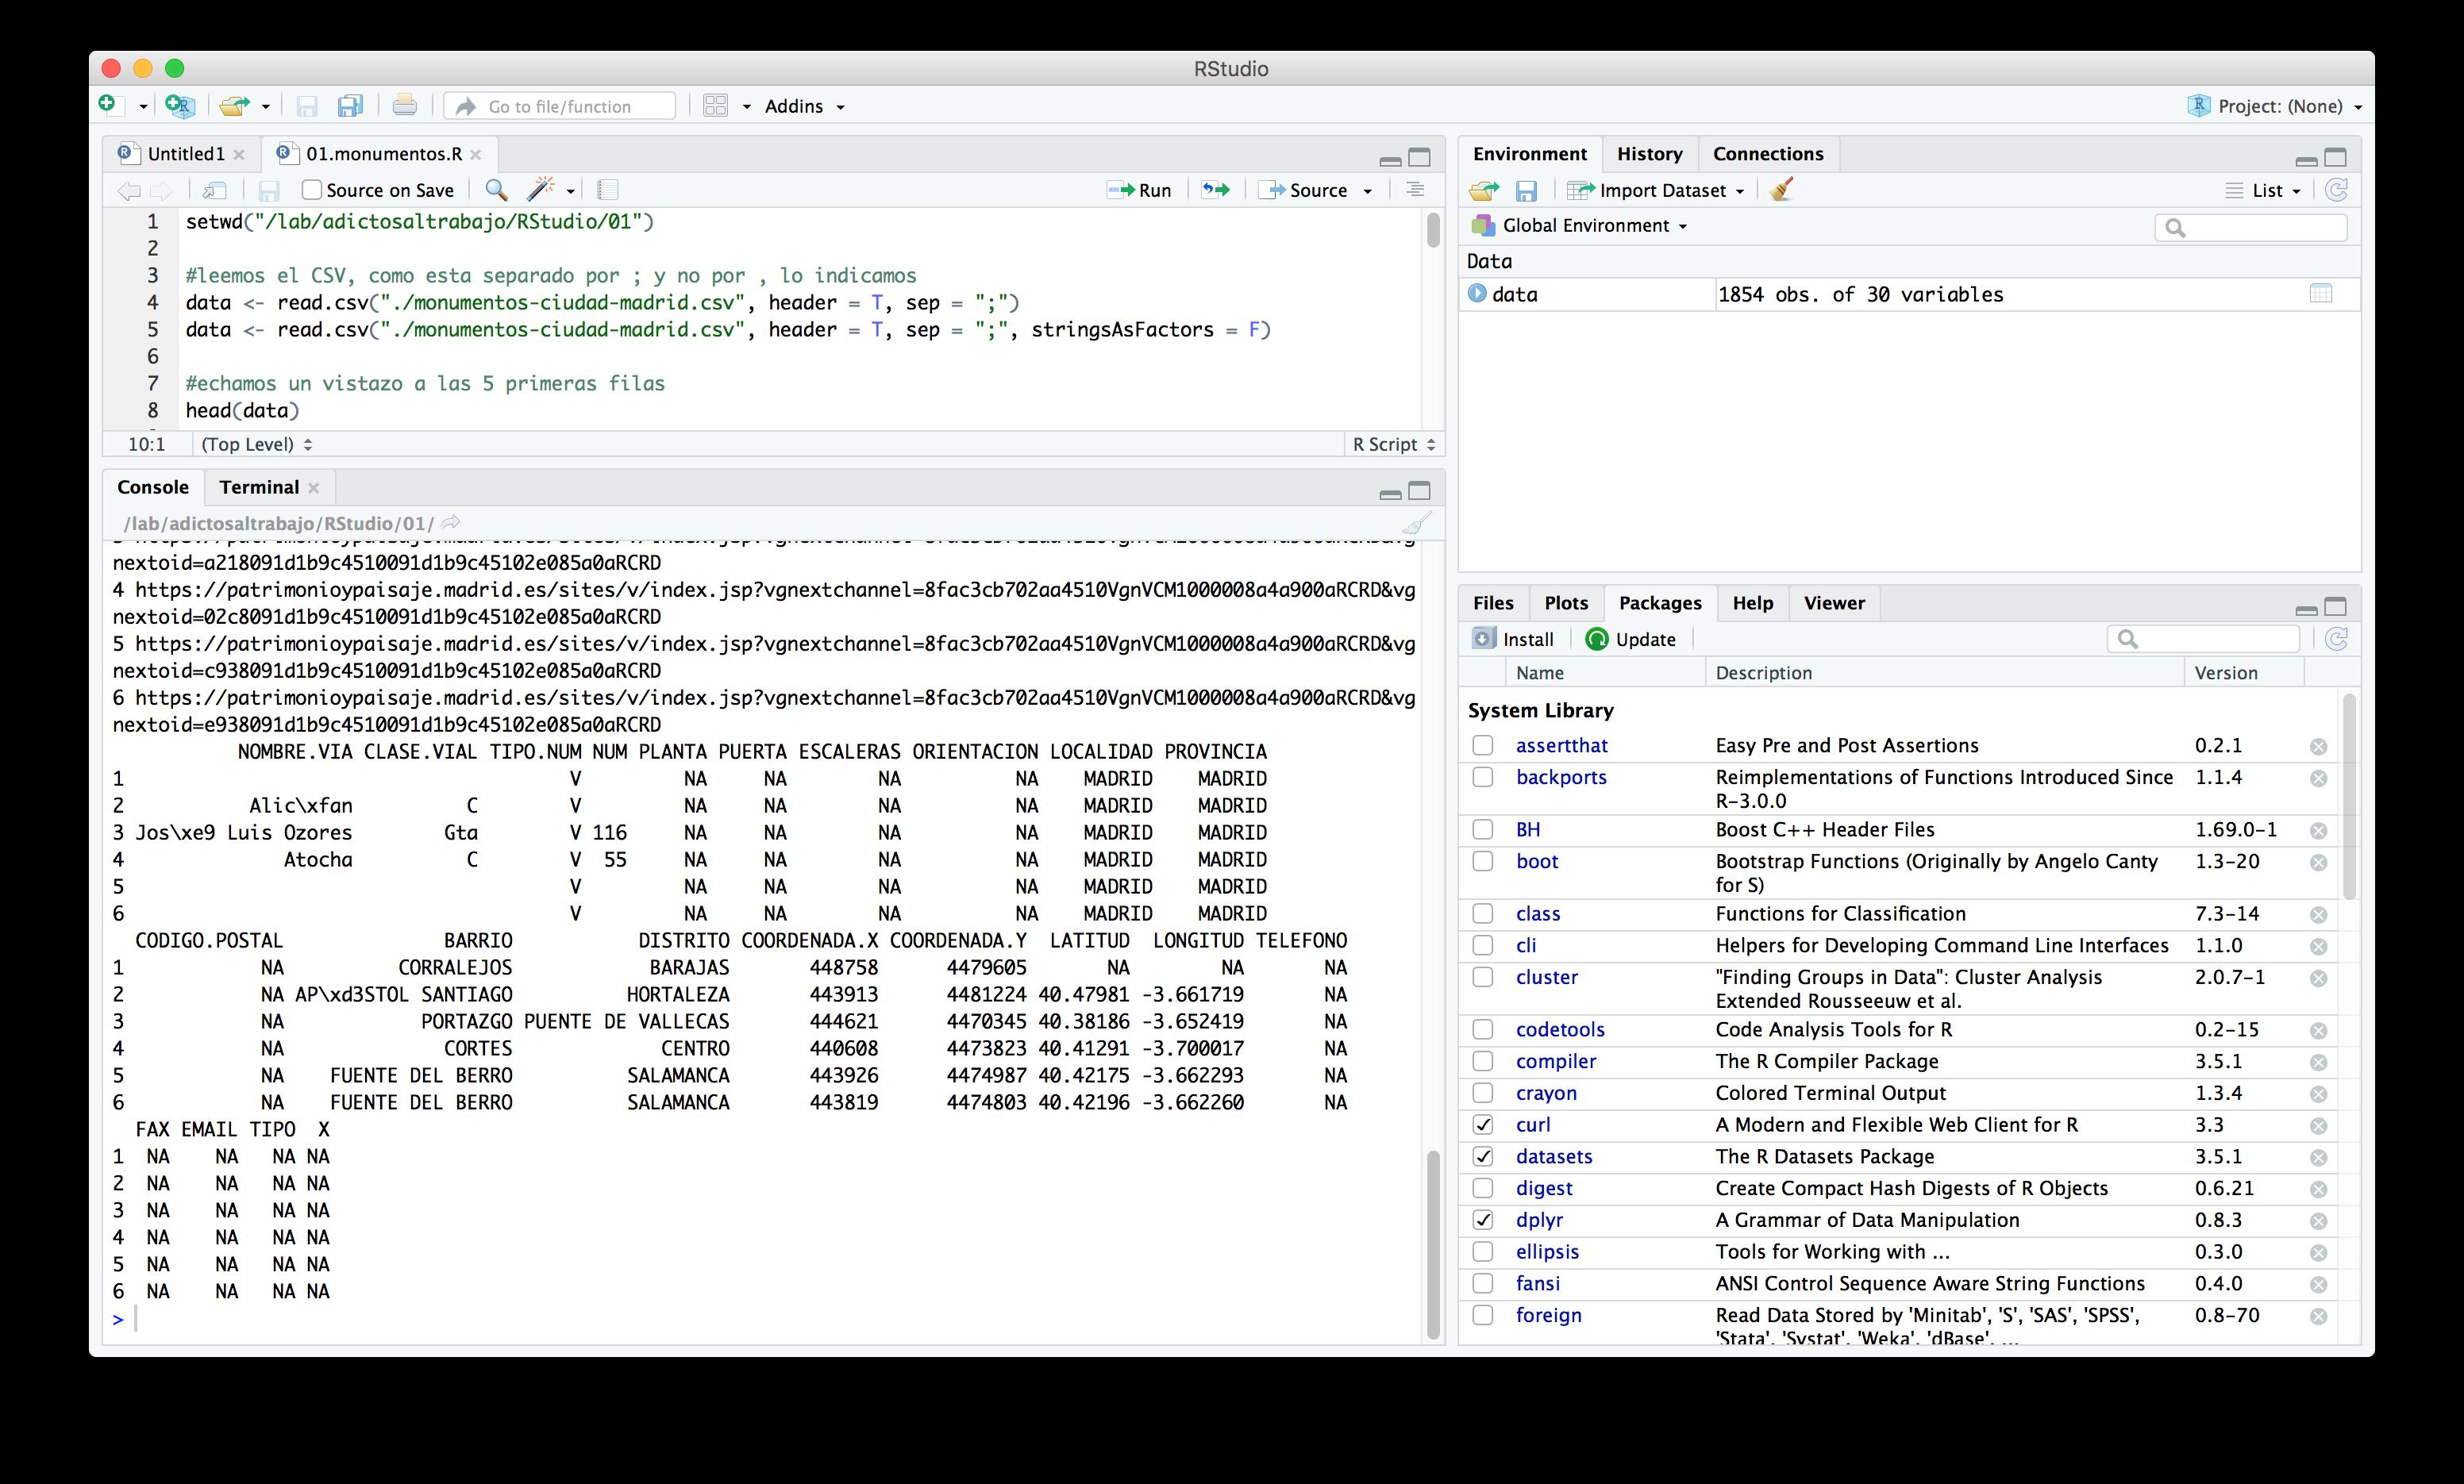 El Data Science con R y Rstudio se puede trabajar de forma muy sencilla